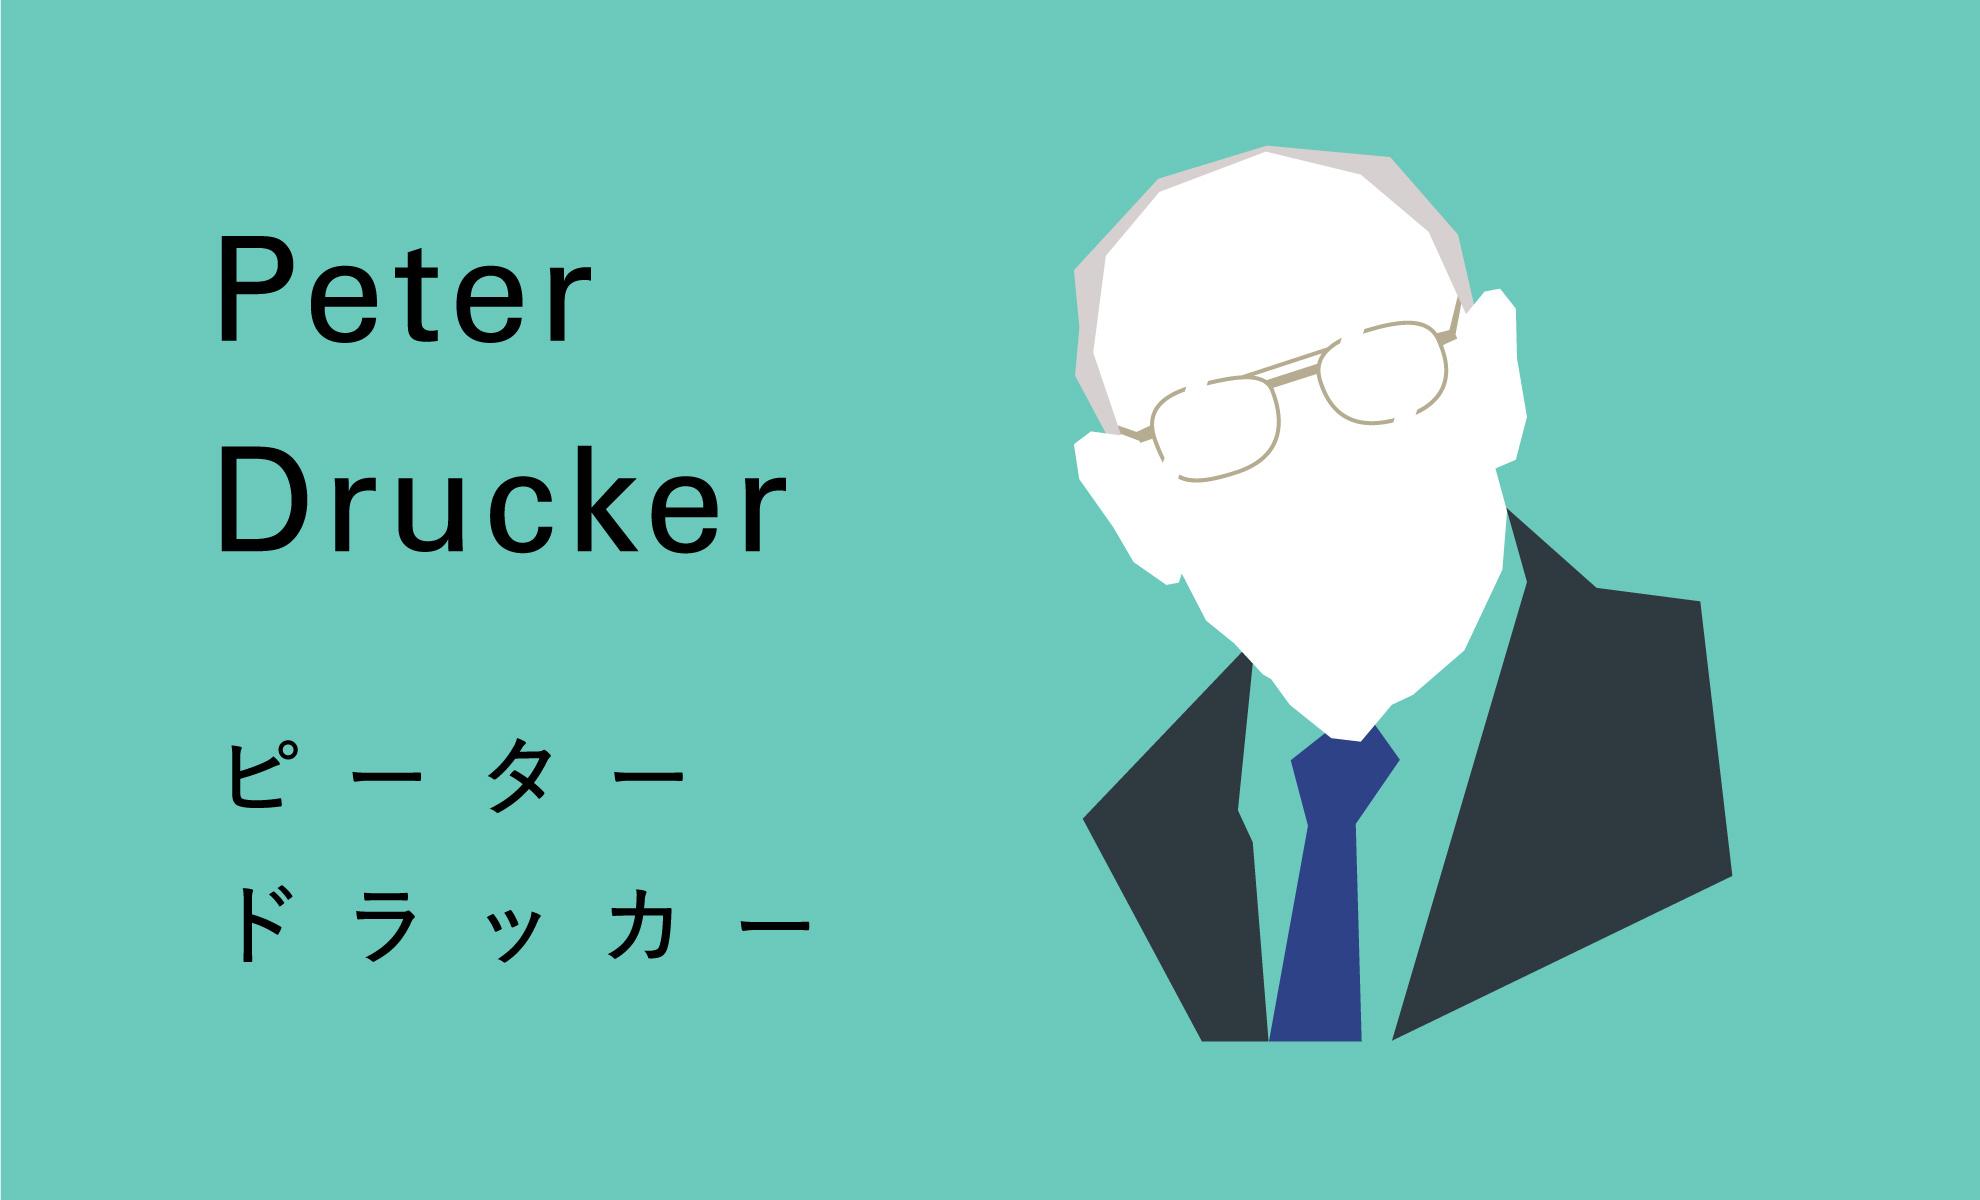 ピーター・ドラッカー 画像